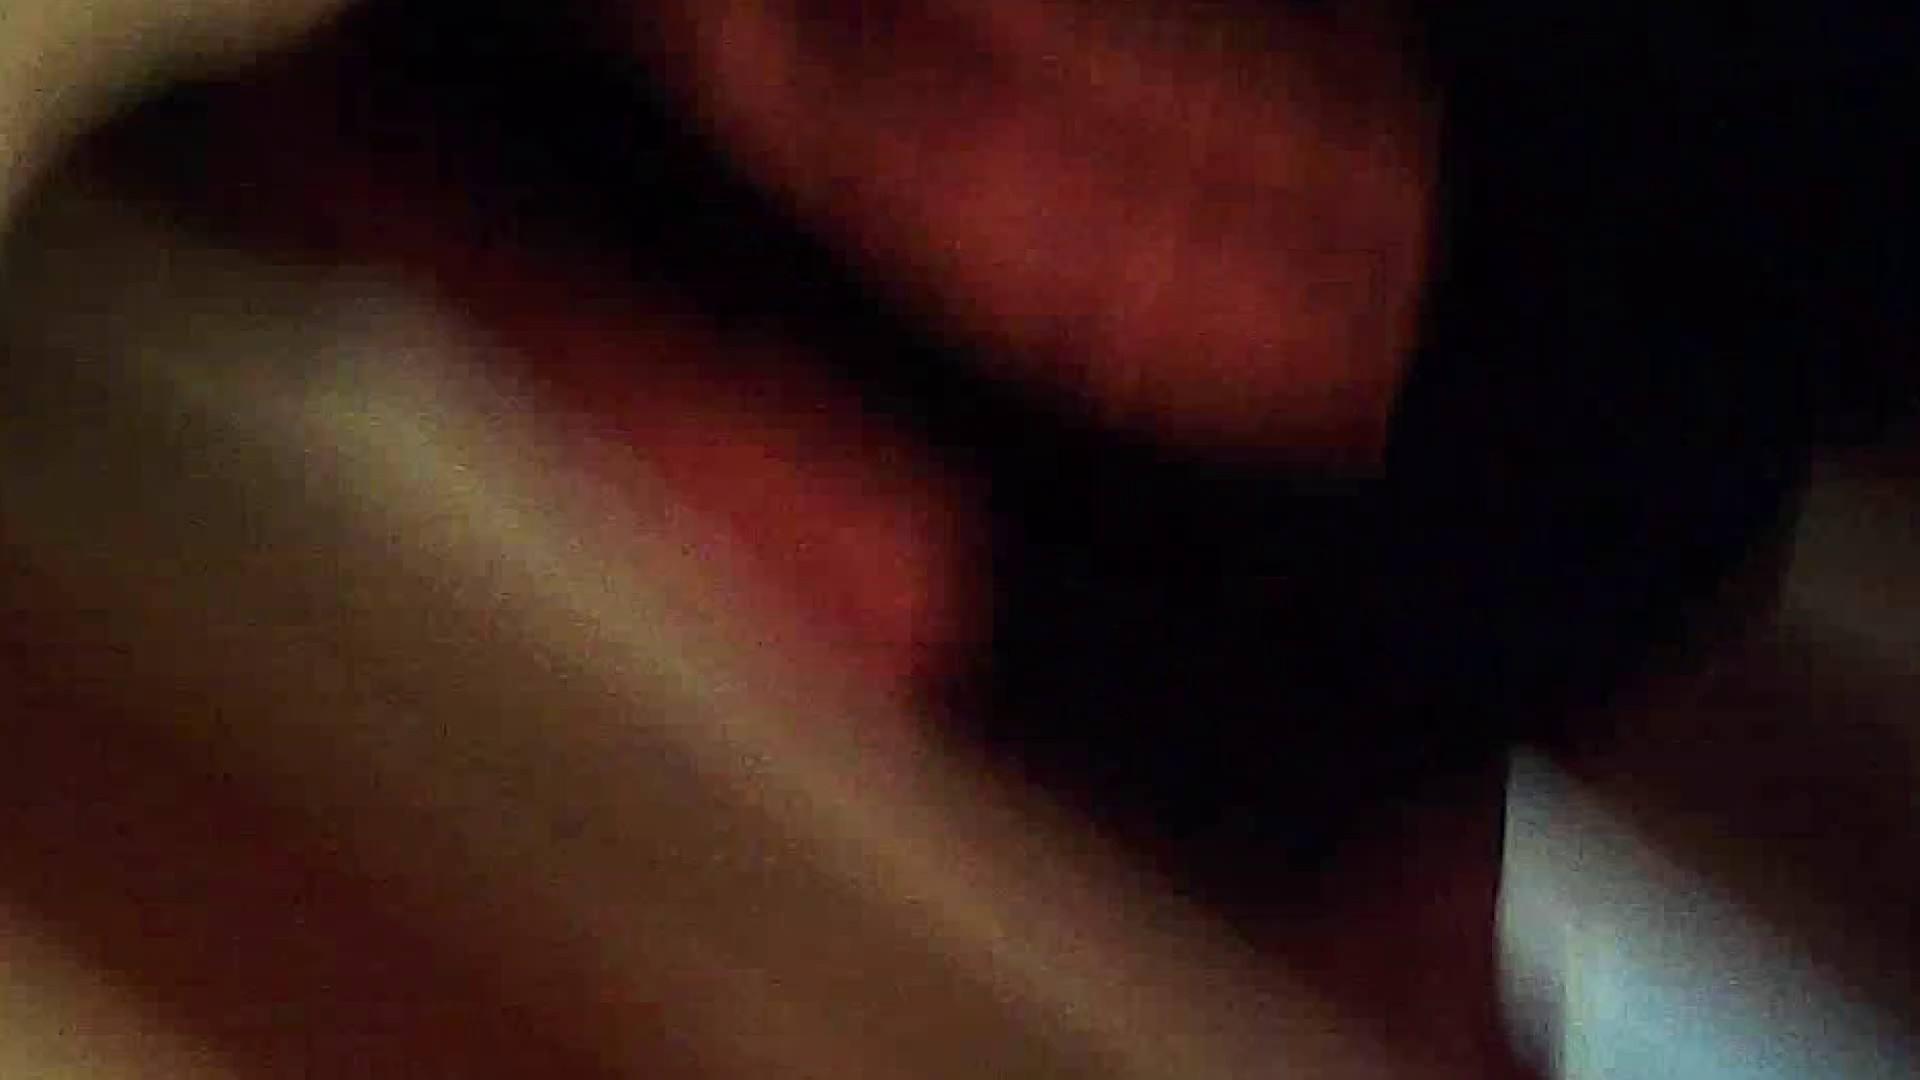 値下げ!小柄で細見ですっんげぇ!オッパイ!みさちゃん19歳Vol.33脱衣編 女子大生達のヌード | OL  87連発 46